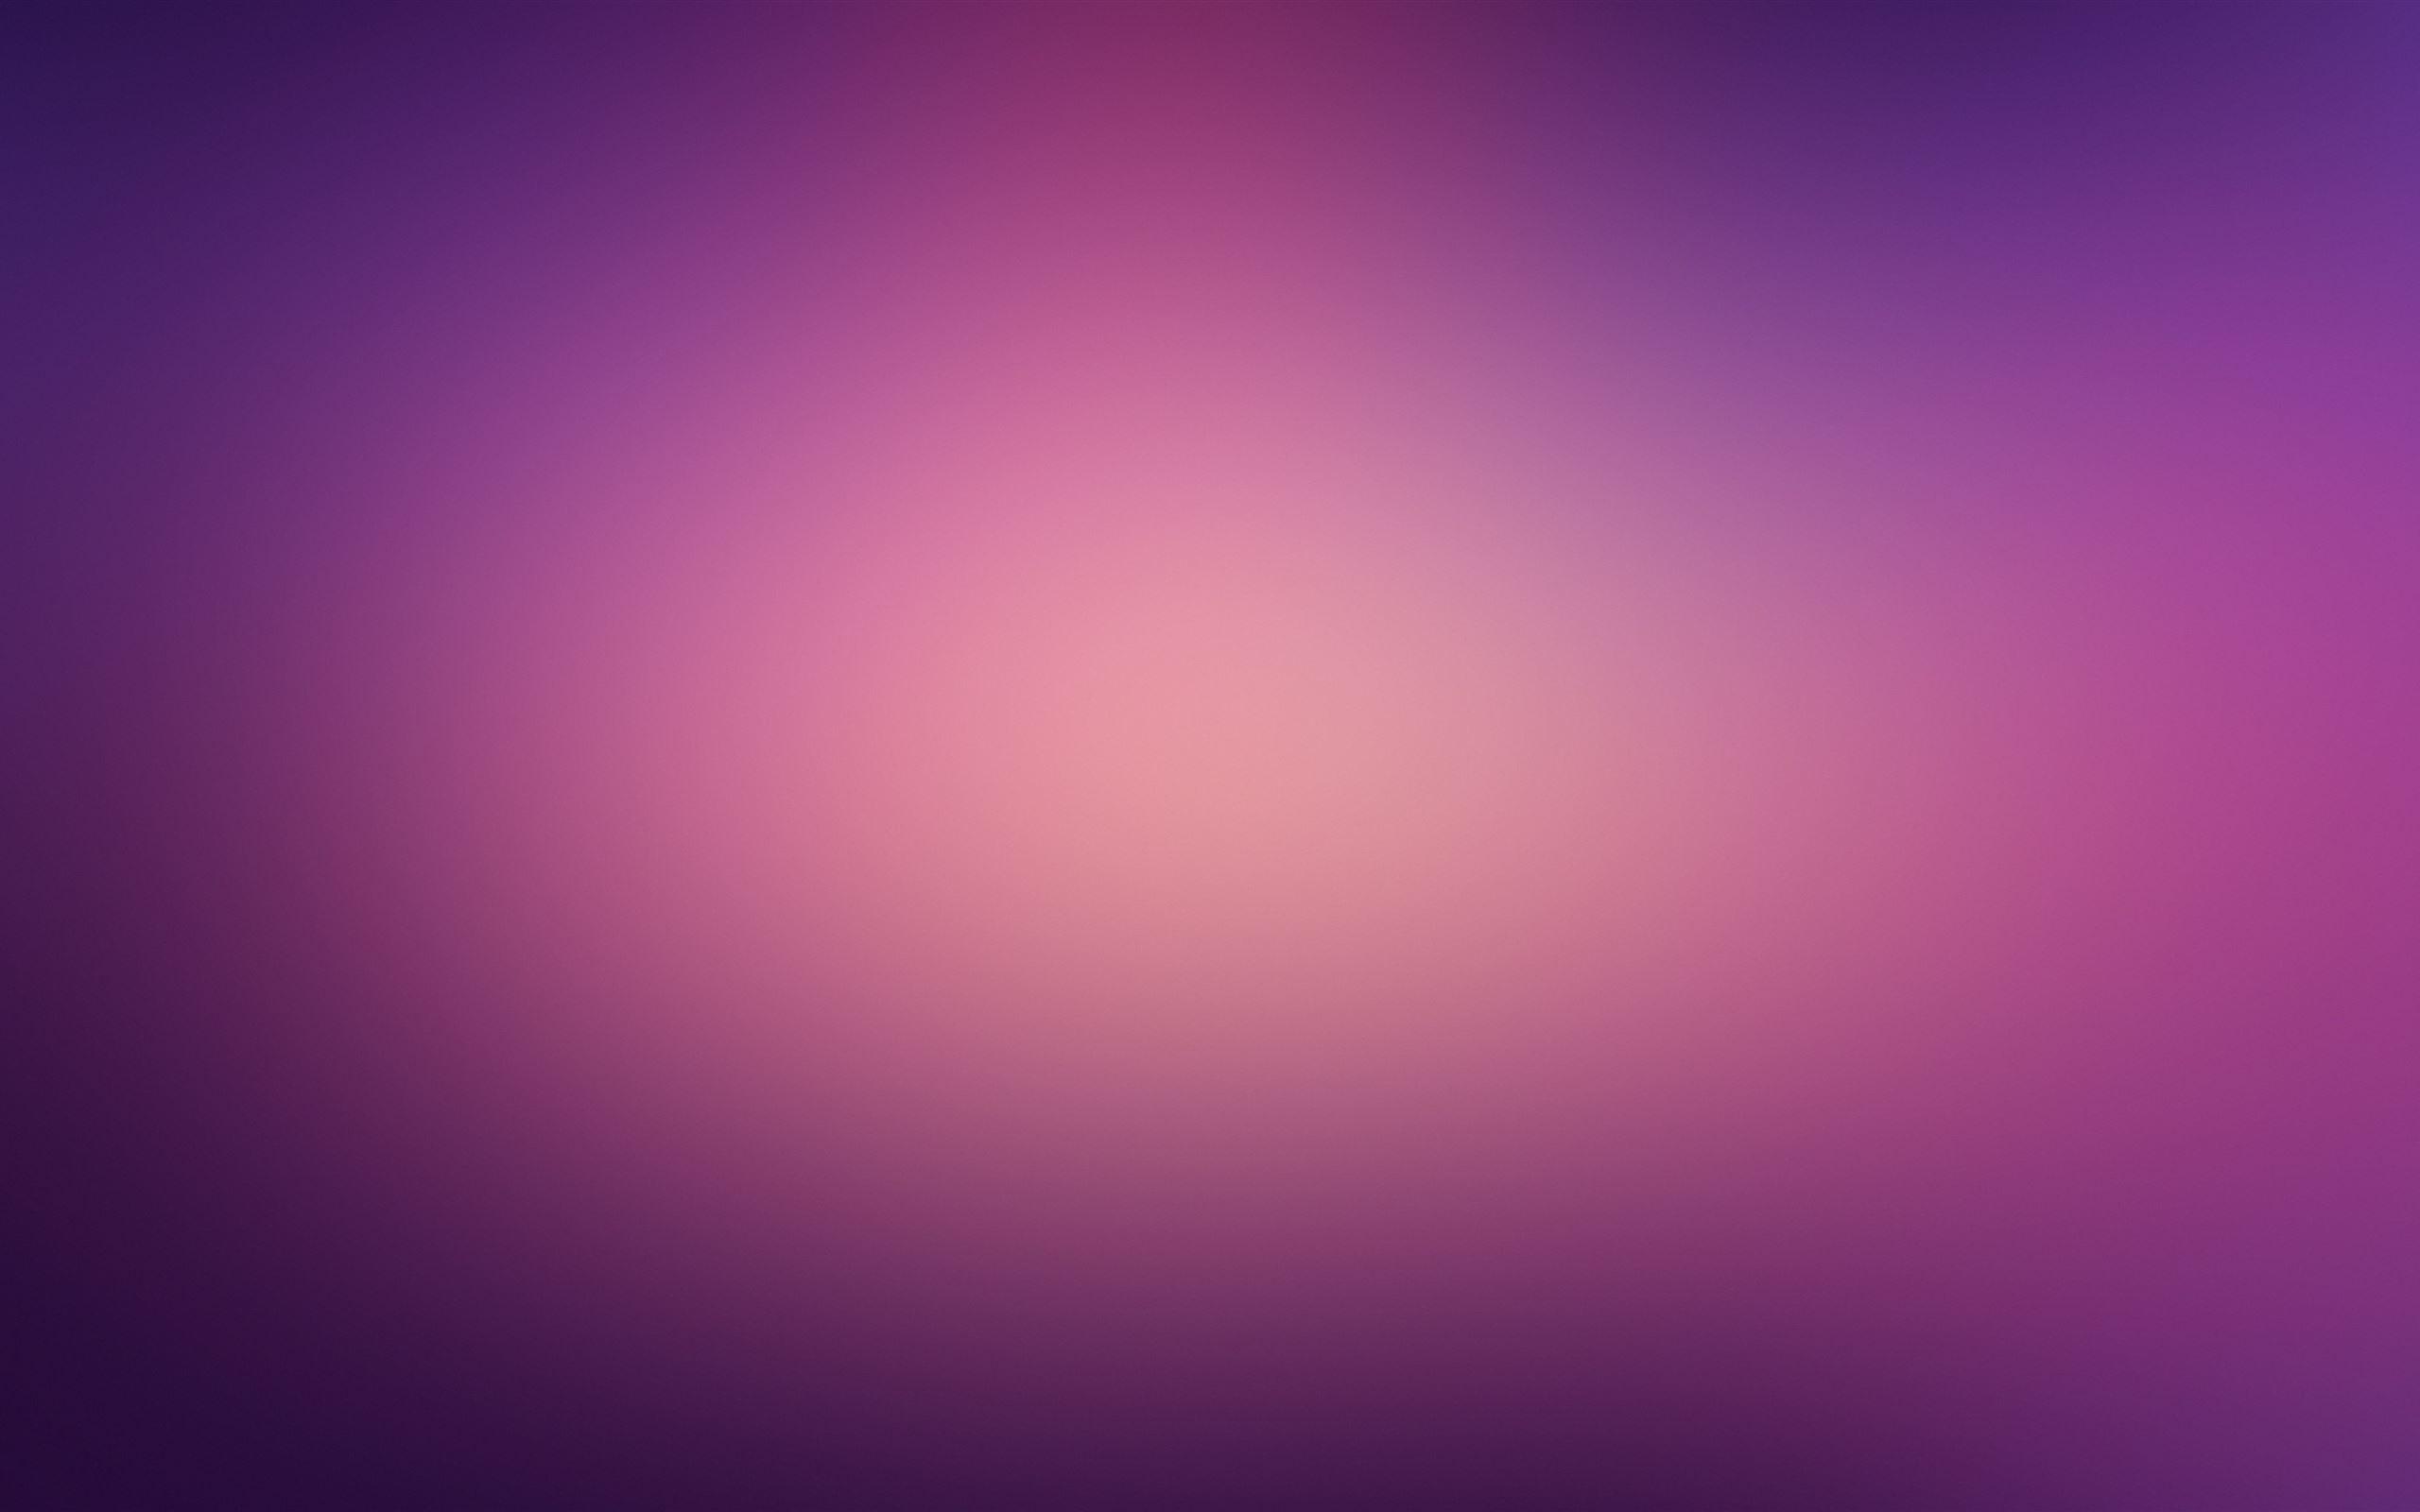 Abstract Pink Blur 5k Macbook Pro Wallpaper Download Allmacwallpaper